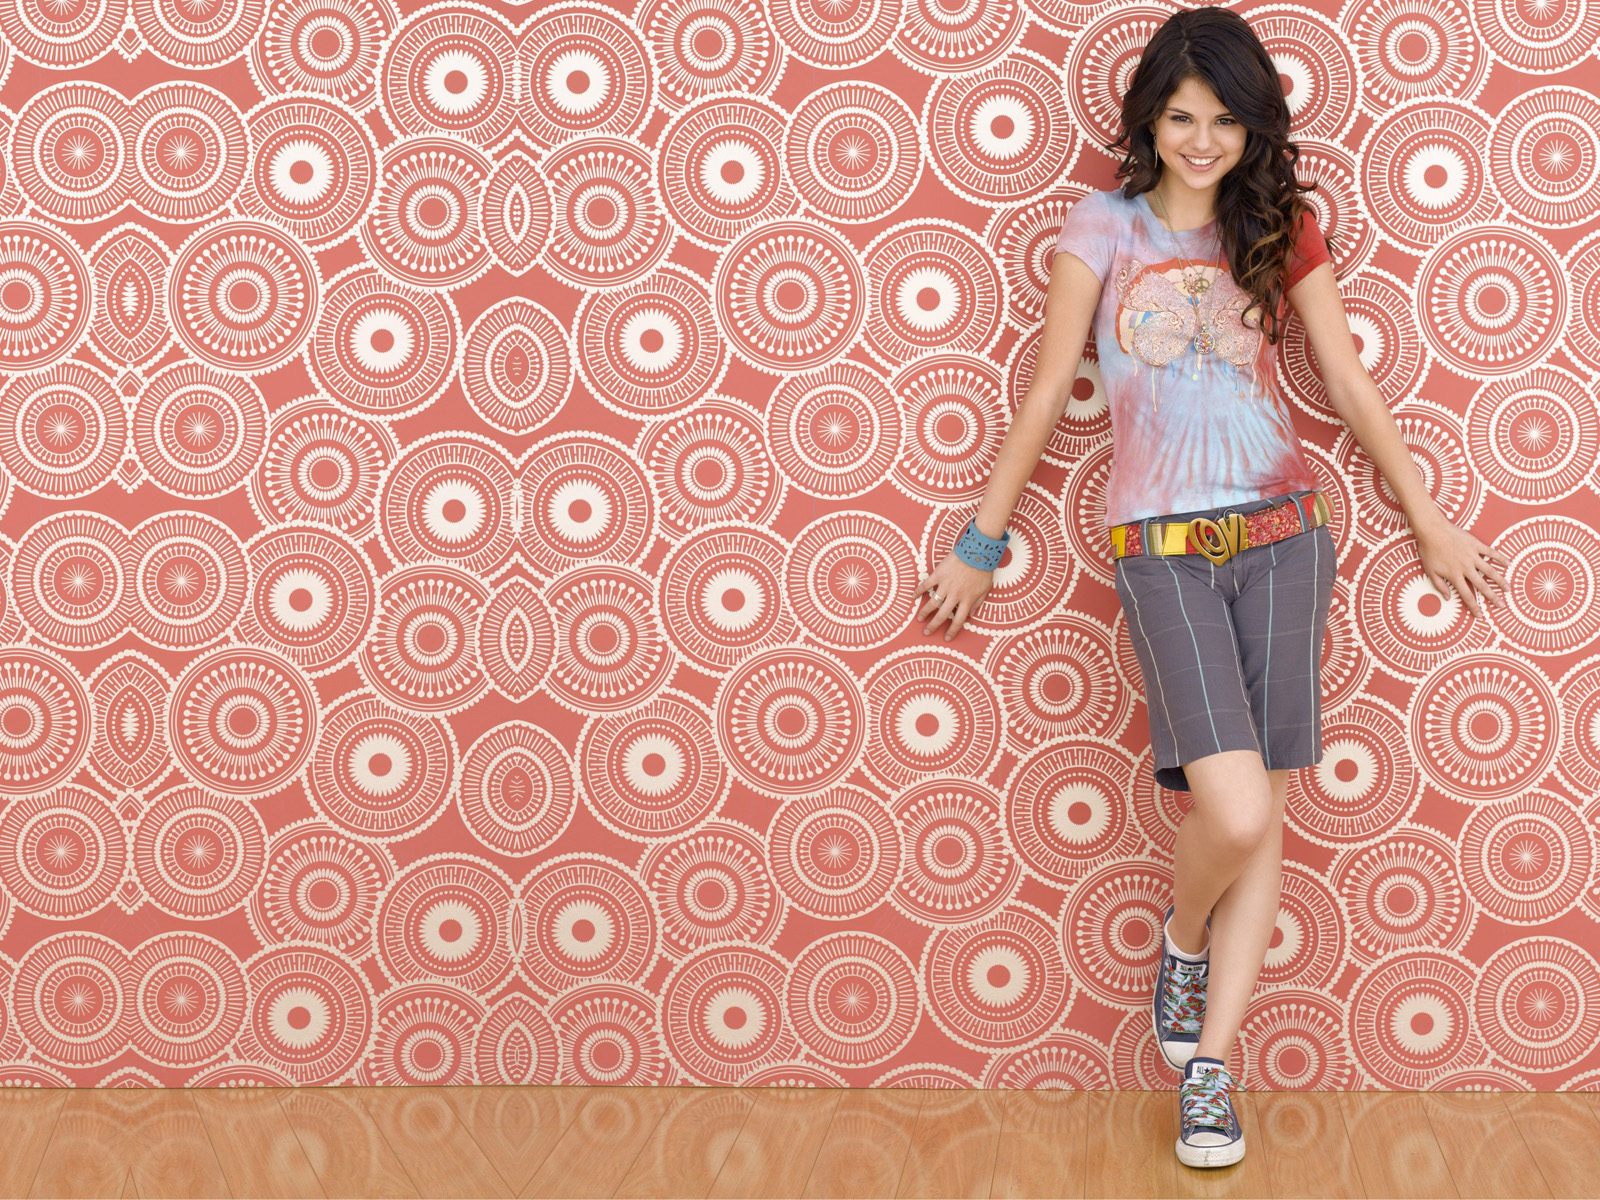 http://2.bp.blogspot.com/-0PyKwLXyUJE/Tj9n-89ytwI/AAAAAAAAAcY/mj0jhjmdsvE/s1600/selena-gomez-wallpaper-desktop-background-3.jpg